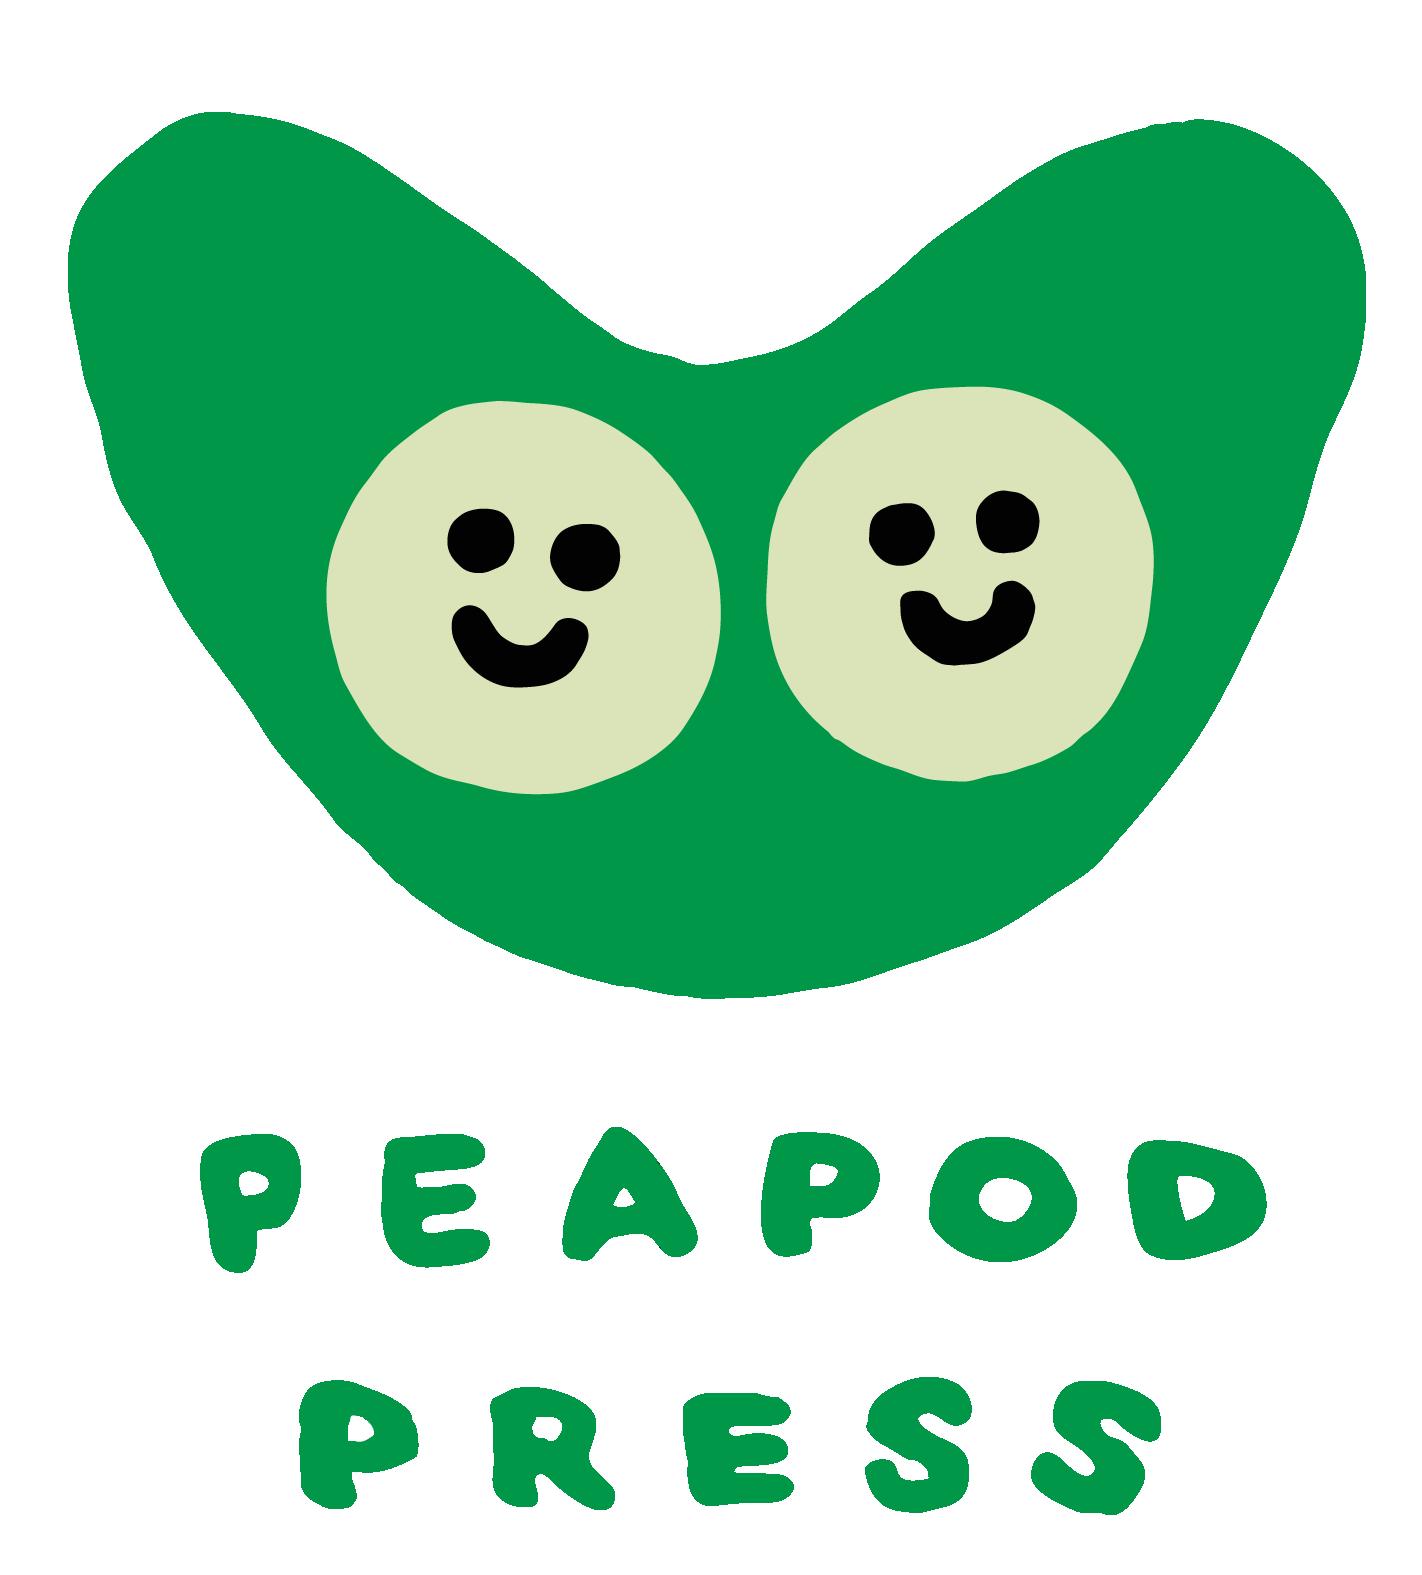 Peapod Press